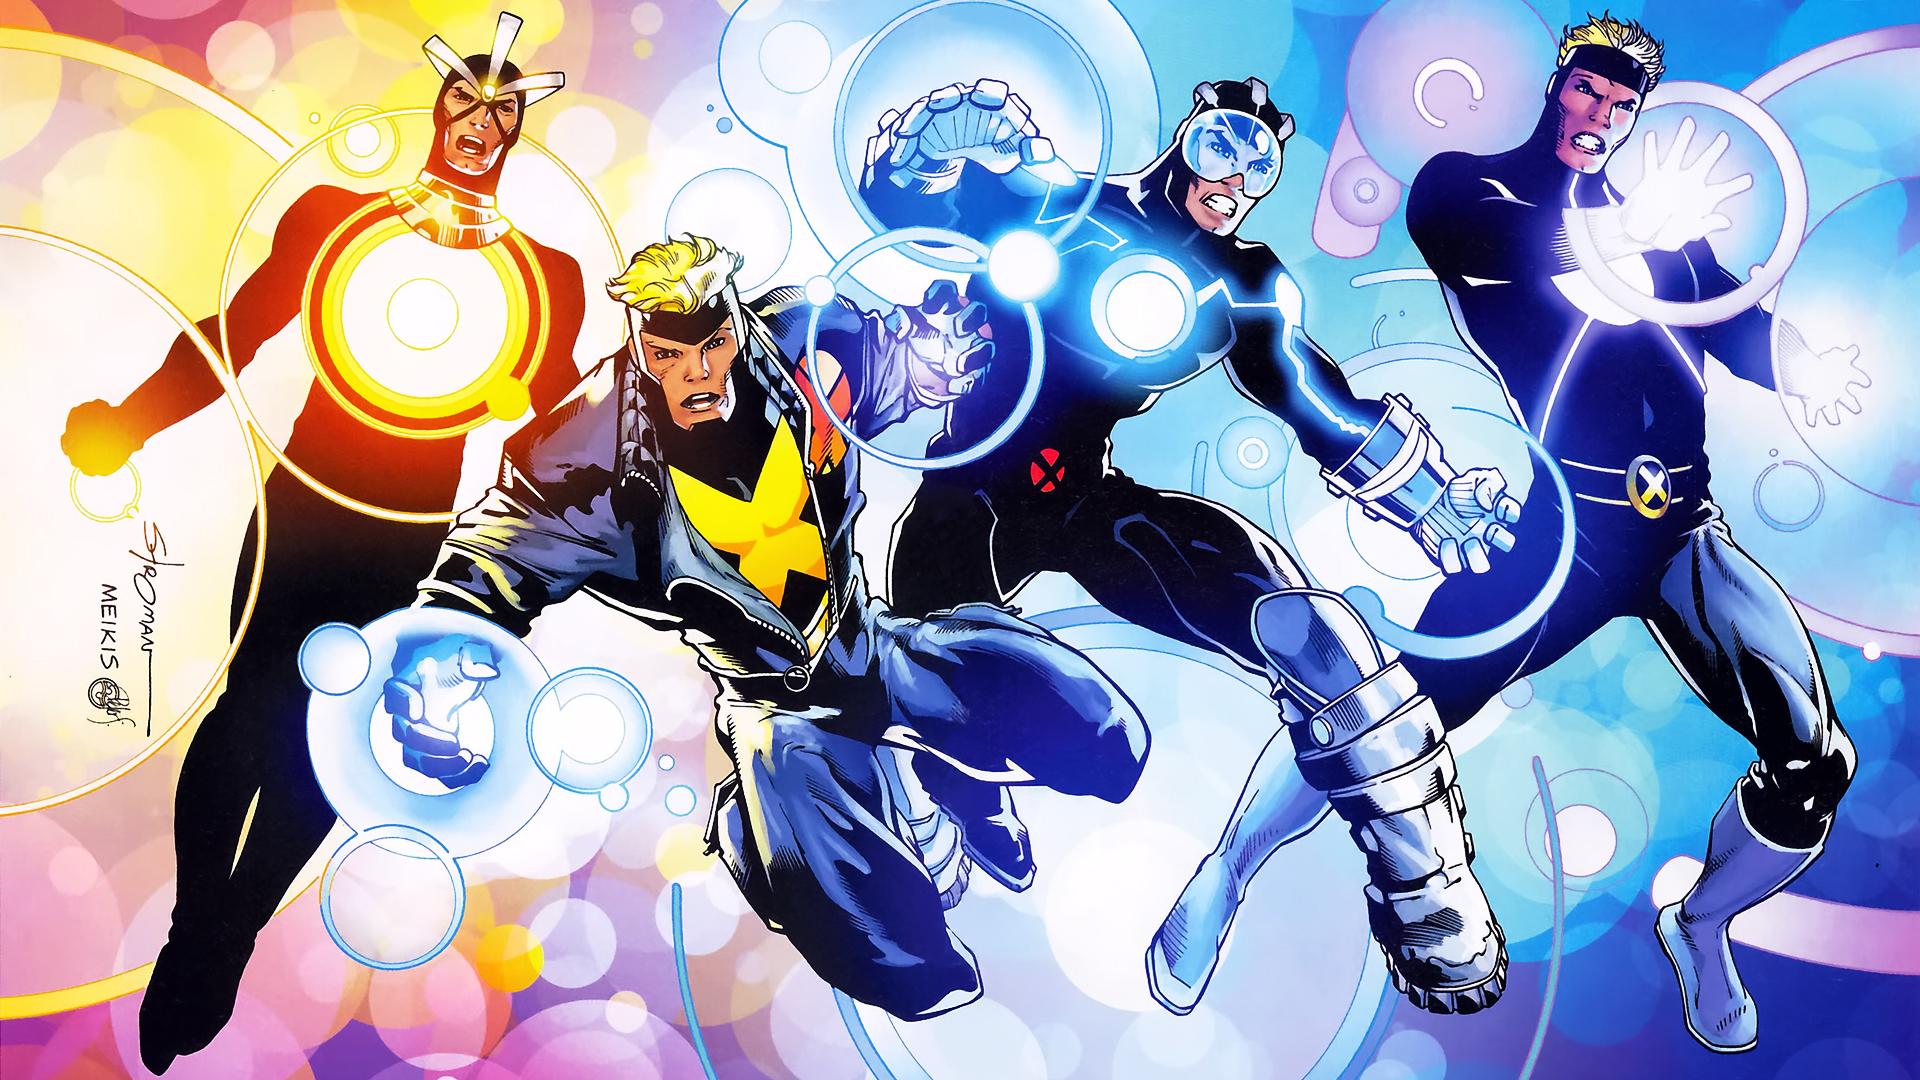 X-Men havoc Marvel Comics wallpaper | 1920x1080 | 60460 ...